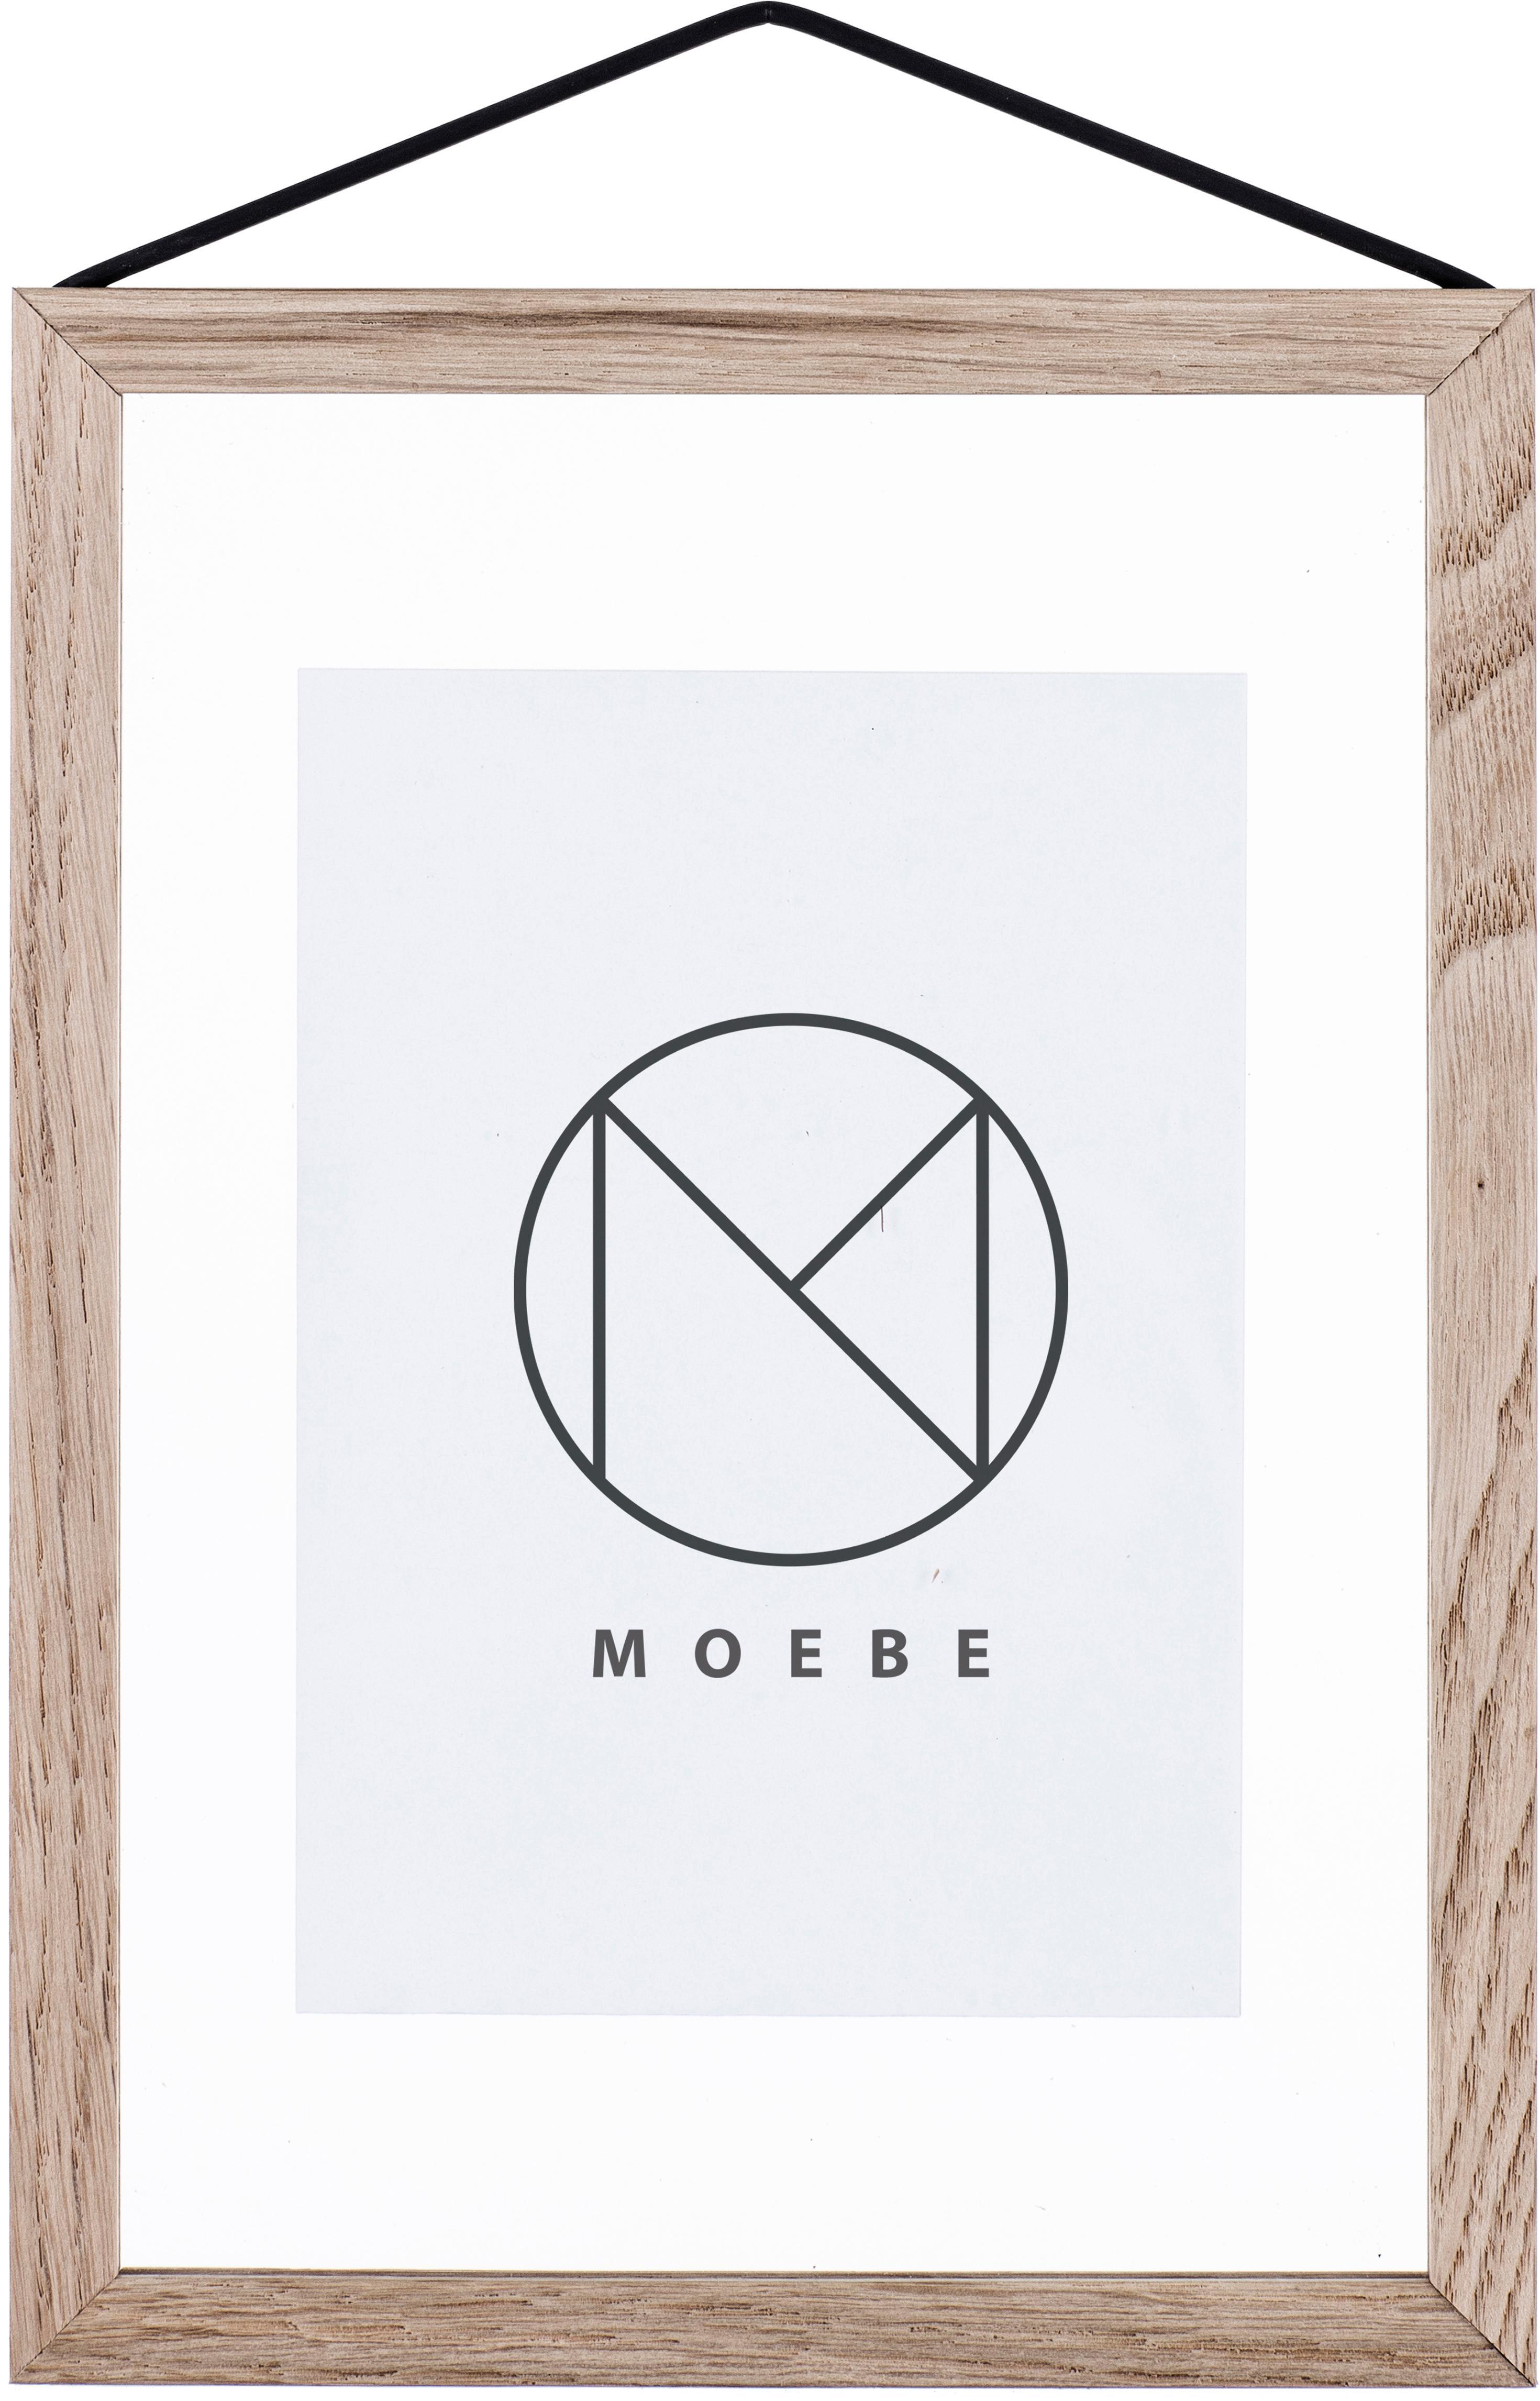 Cornice Frame, Cornice: legno di quercia non trat, Cornice: legno di quercia<br>Sospensione: nero<br>Frontale e posteriore: traspar, Larg. 17 x Alt. 23 cm